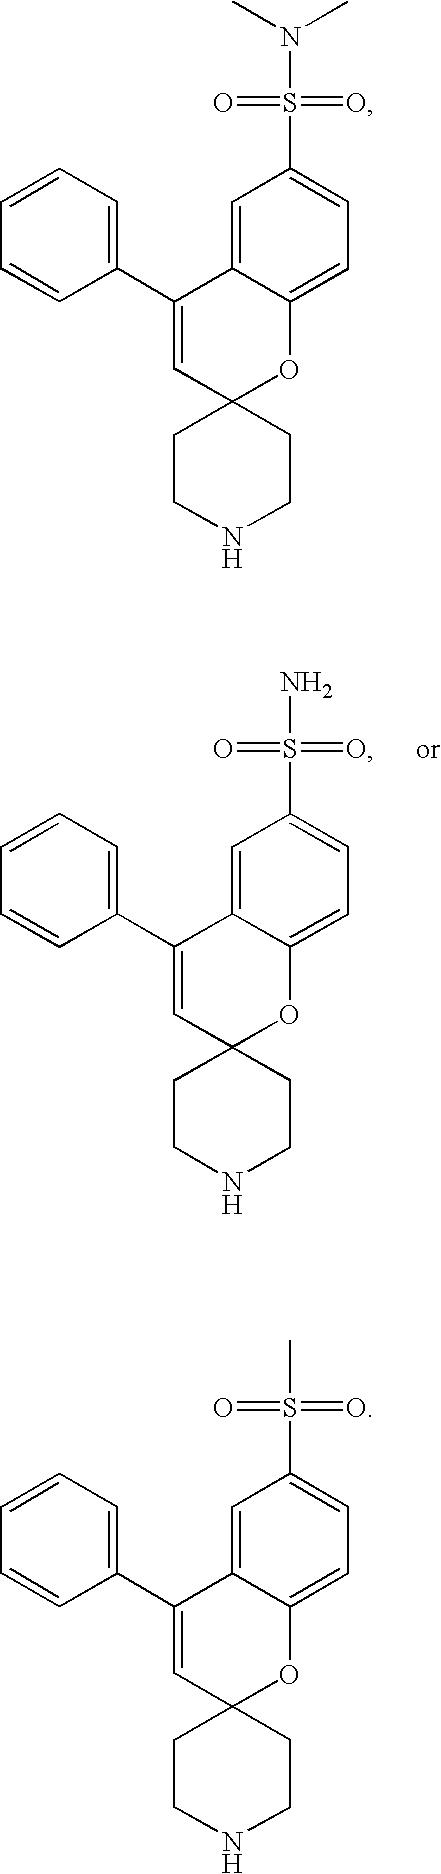 Figure US20100029614A1-20100204-C00061